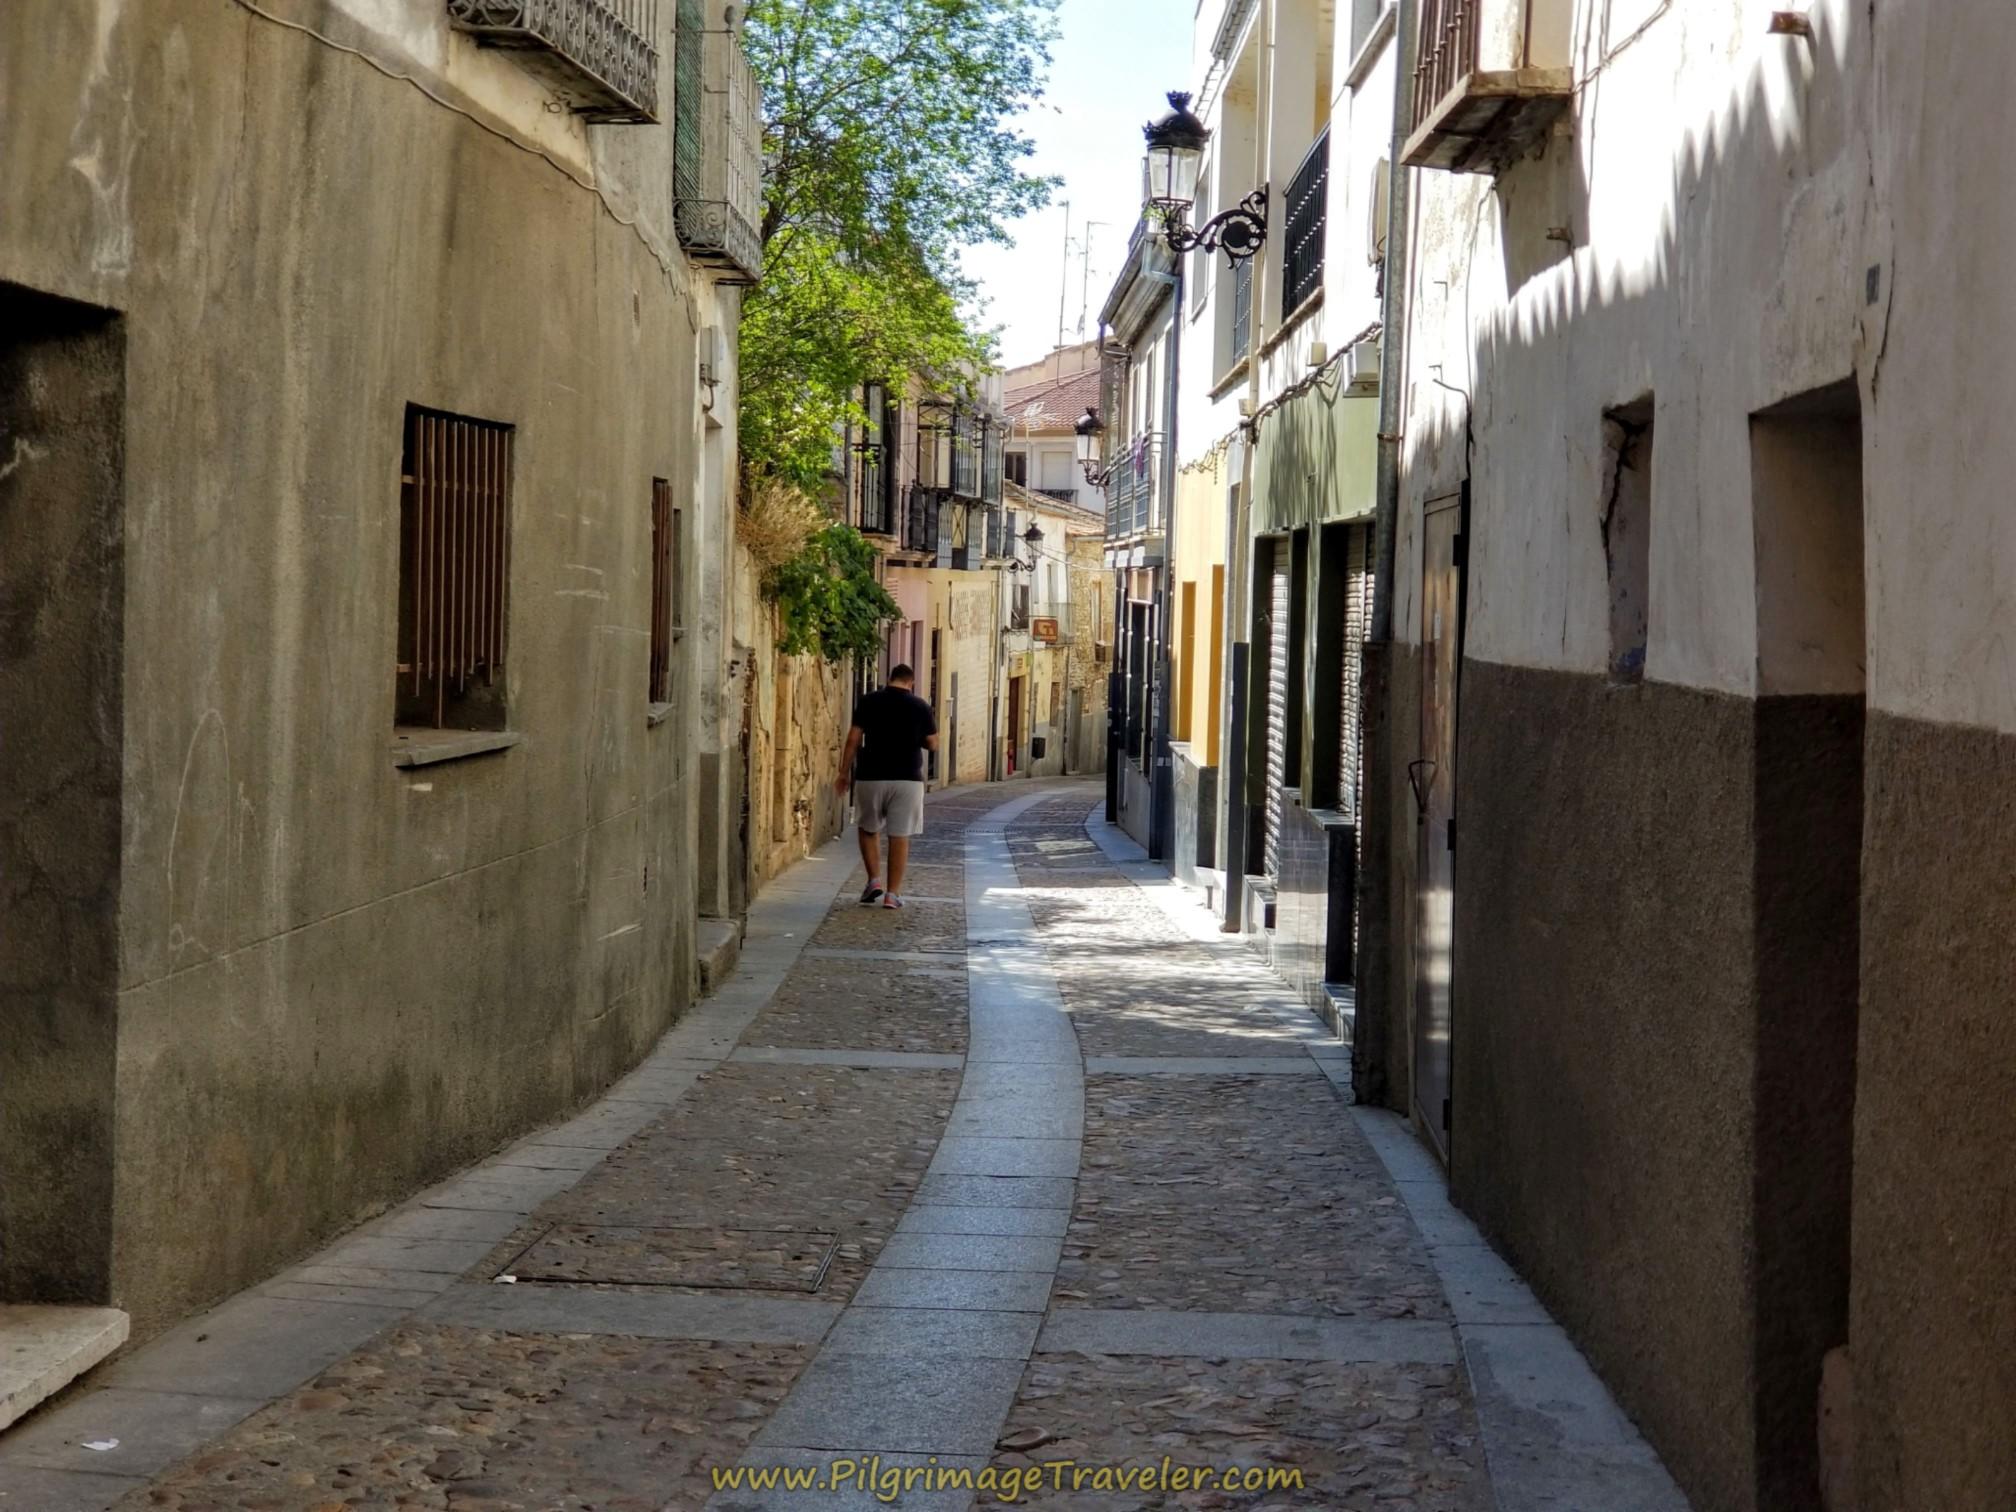 Immediate Right Onto Calle Manterola